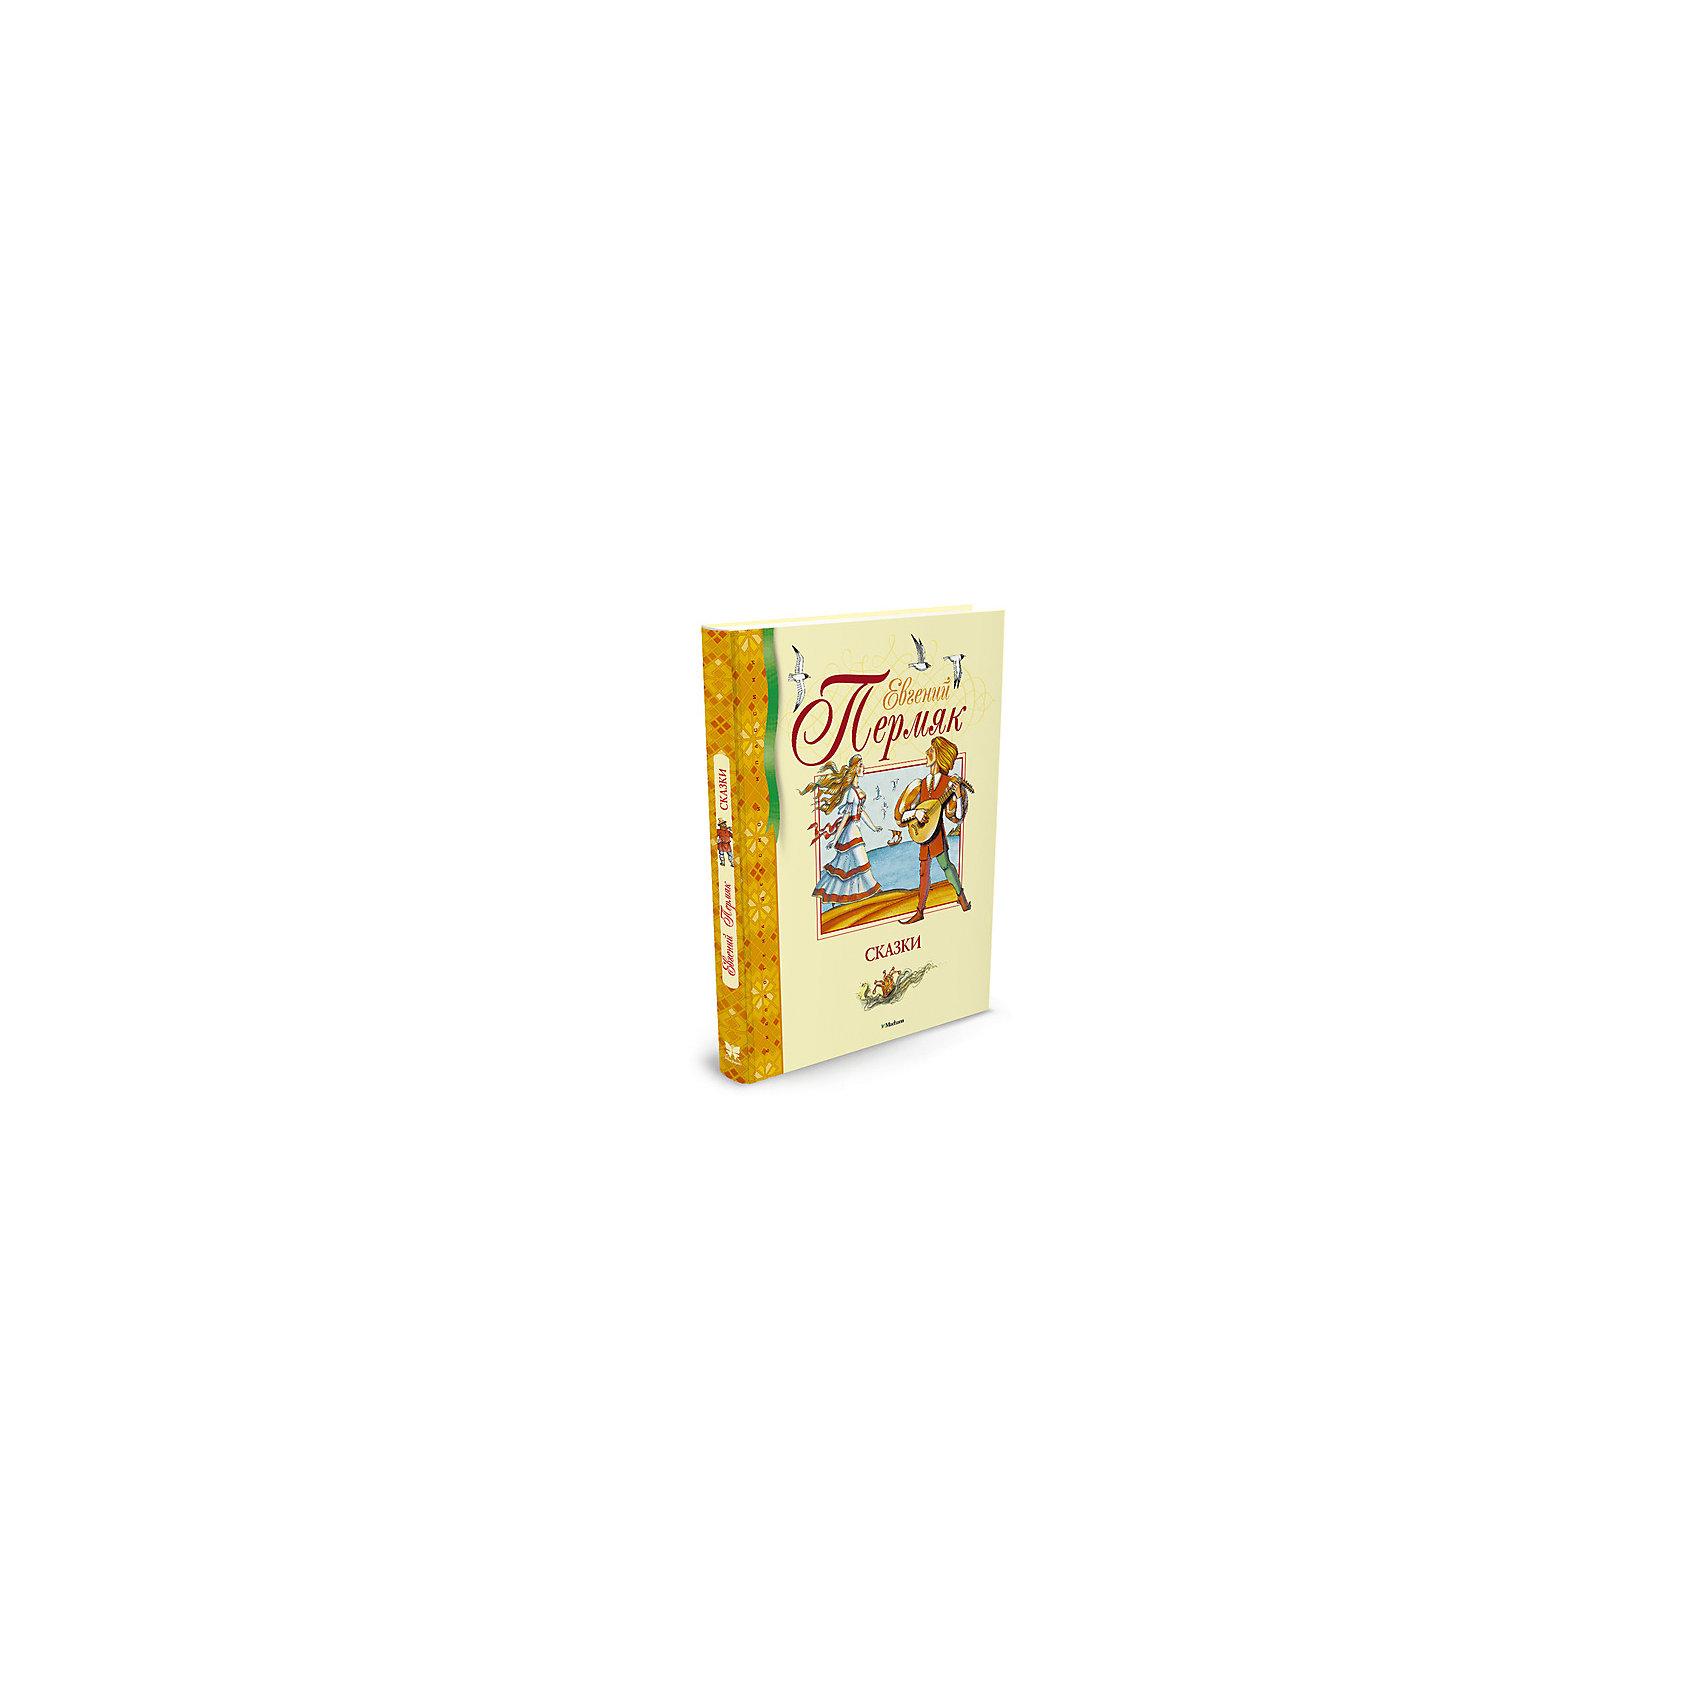 Сказки, Е. Пермяк, MACHAONРусские сказки<br>Сказки, Е. Пермяк.<br><br>Характеристики:<br><br>• Автор: Евгений Пермяк<br>• Художник: С. Сачков<br>• Издательство: Махаон, 2017 год<br>• Серия: Библиотека детской классики<br>• Тип обложки: 7Б - твердая (плотная бумага или картон)<br>• Иллюстрации: цветные<br>• Количество страниц: 144<br>• Размер: 242x201х13 мм.<br>• Вес: 466 гр.<br>• ISBN: 9785389120938<br><br>Евгений Андреевич Пермяк (1902–1982) – известный русский писатель, автор замечательных рассказов и сказок для детей. Его произведения написаны выразительным, ярким и живым народным языком, непременно находящим отклик в сердцах читателей разных поколений. В книгу вошли удивительные, неповторимые в своей простоте и гениальности сказки, в которых читатель не найдёт вымышленных образов, потому что Евгений Пермяк в них не нуждается: в его произведениях живут совершенно реальные персонажи, взятые из настоящей жизни. И вы их обязательно узнаете!<br><br>СОДЕРЖАНИЕ:<br>Золотой гвоздь<br>Как Огонь Воду замуж взял<br>Золотой гвоздь<br>Тайна цены<br>Лес-именинник<br>Сказка о большом колоколе<br>Долговекий мастер<br>Самоходные лапотки<br>Фока - на все руки дока<br>На все цвета радуги<br>елая Бабочка<br>Шантон-болтон<br>На все цвета радуги<br>Пастух и Скрипка<br>Первая улыбка<br>Про Яблоньку, которая рано зацвела<br>Белая ворона<br>Новое платье королевы<br>Некрасивая Ёлка<br><br>Сказки, Е. Пермяк  можно купить в нашем интернет-магазине.<br><br>Ширина мм: 242<br>Глубина мм: 201<br>Высота мм: 130<br>Вес г: 466<br>Возраст от месяцев: 84<br>Возраст до месяцев: 120<br>Пол: Унисекс<br>Возраст: Детский<br>SKU: 5493501